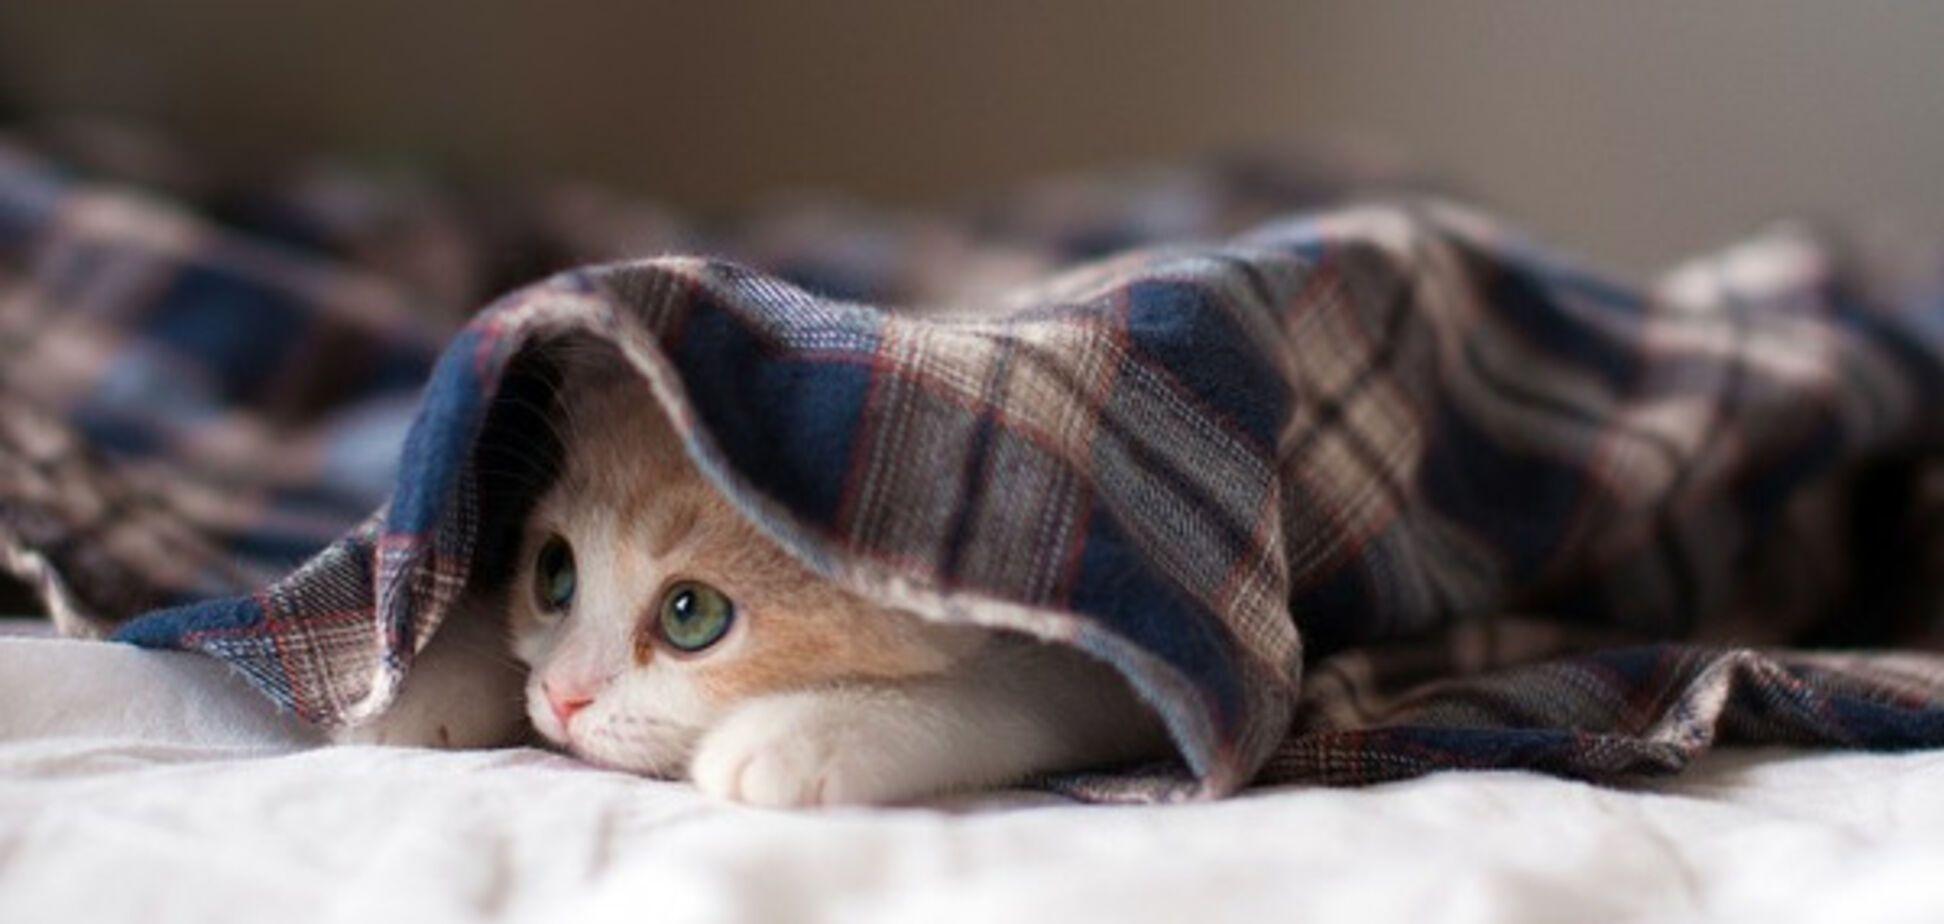 испуганный котенок под одеялом